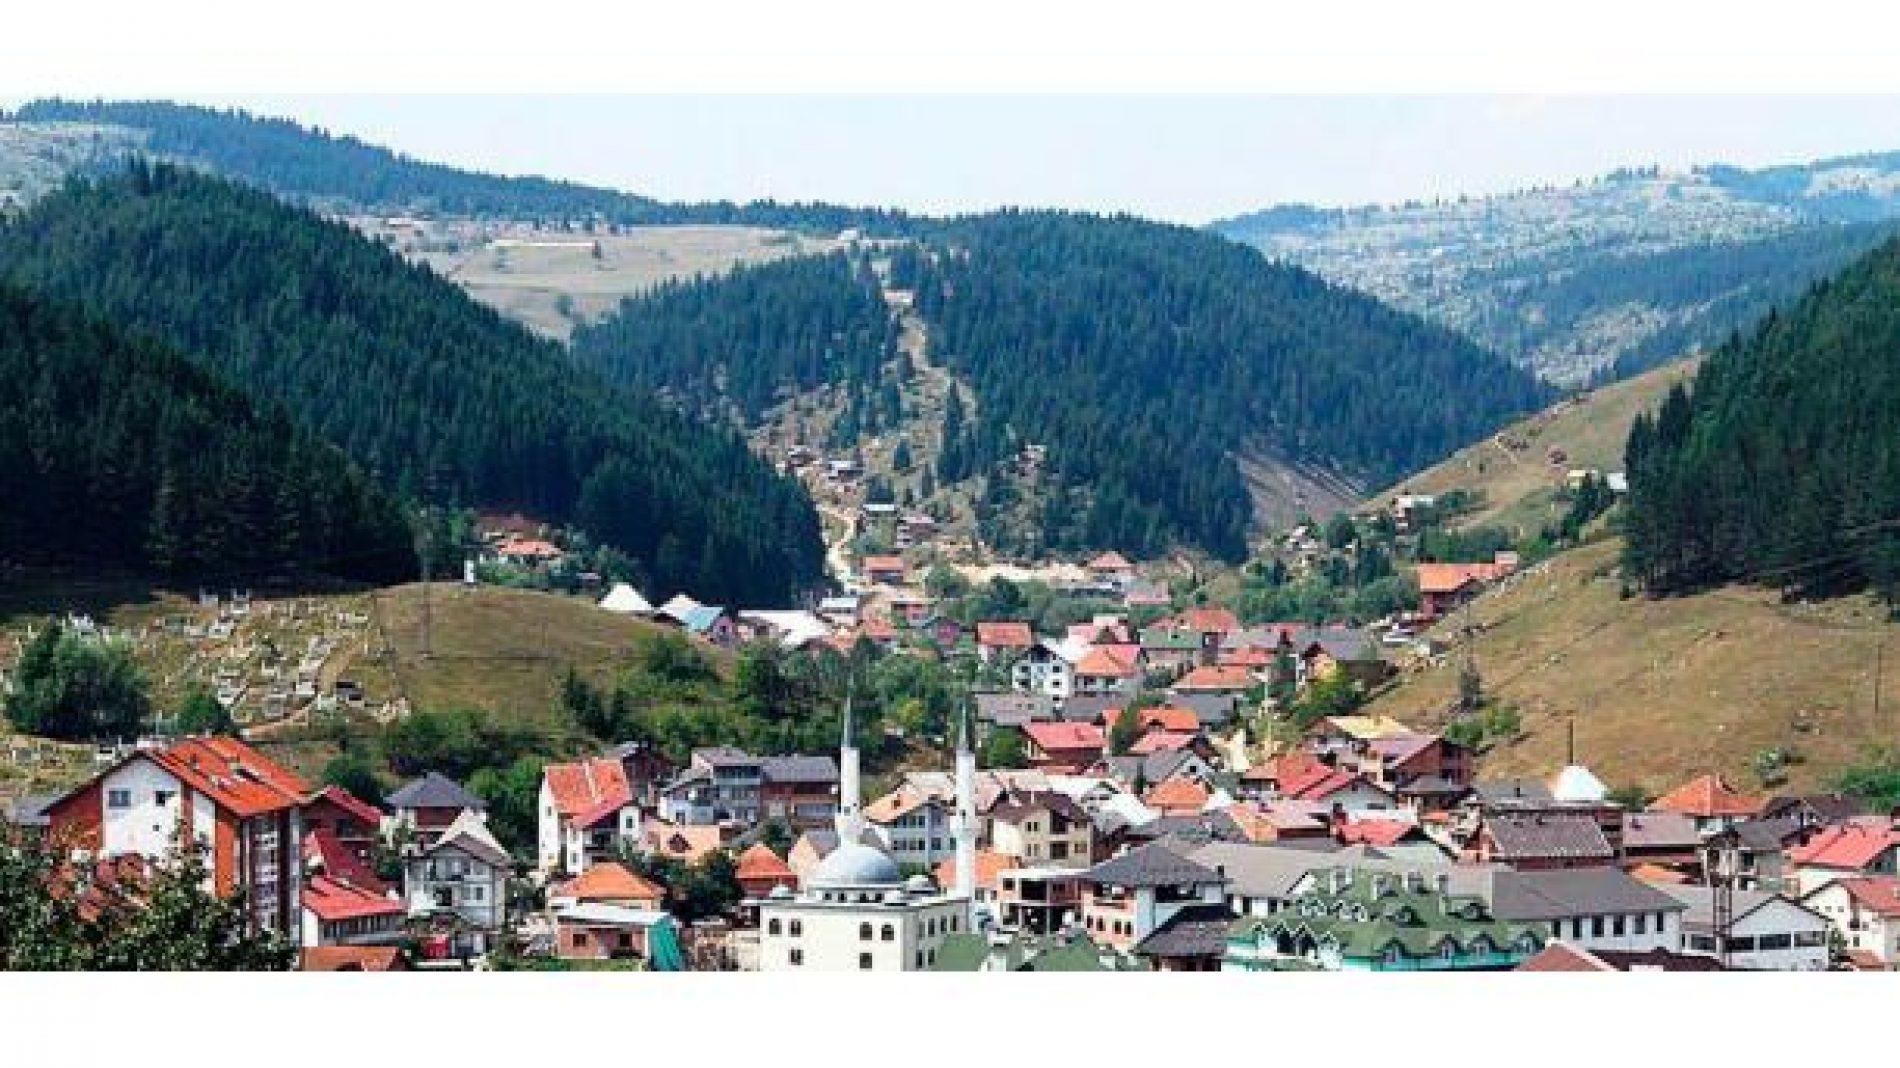 Sarajevsko preduzeće dobilo posao izgradnje žičare na planini Hajla u Rožajama